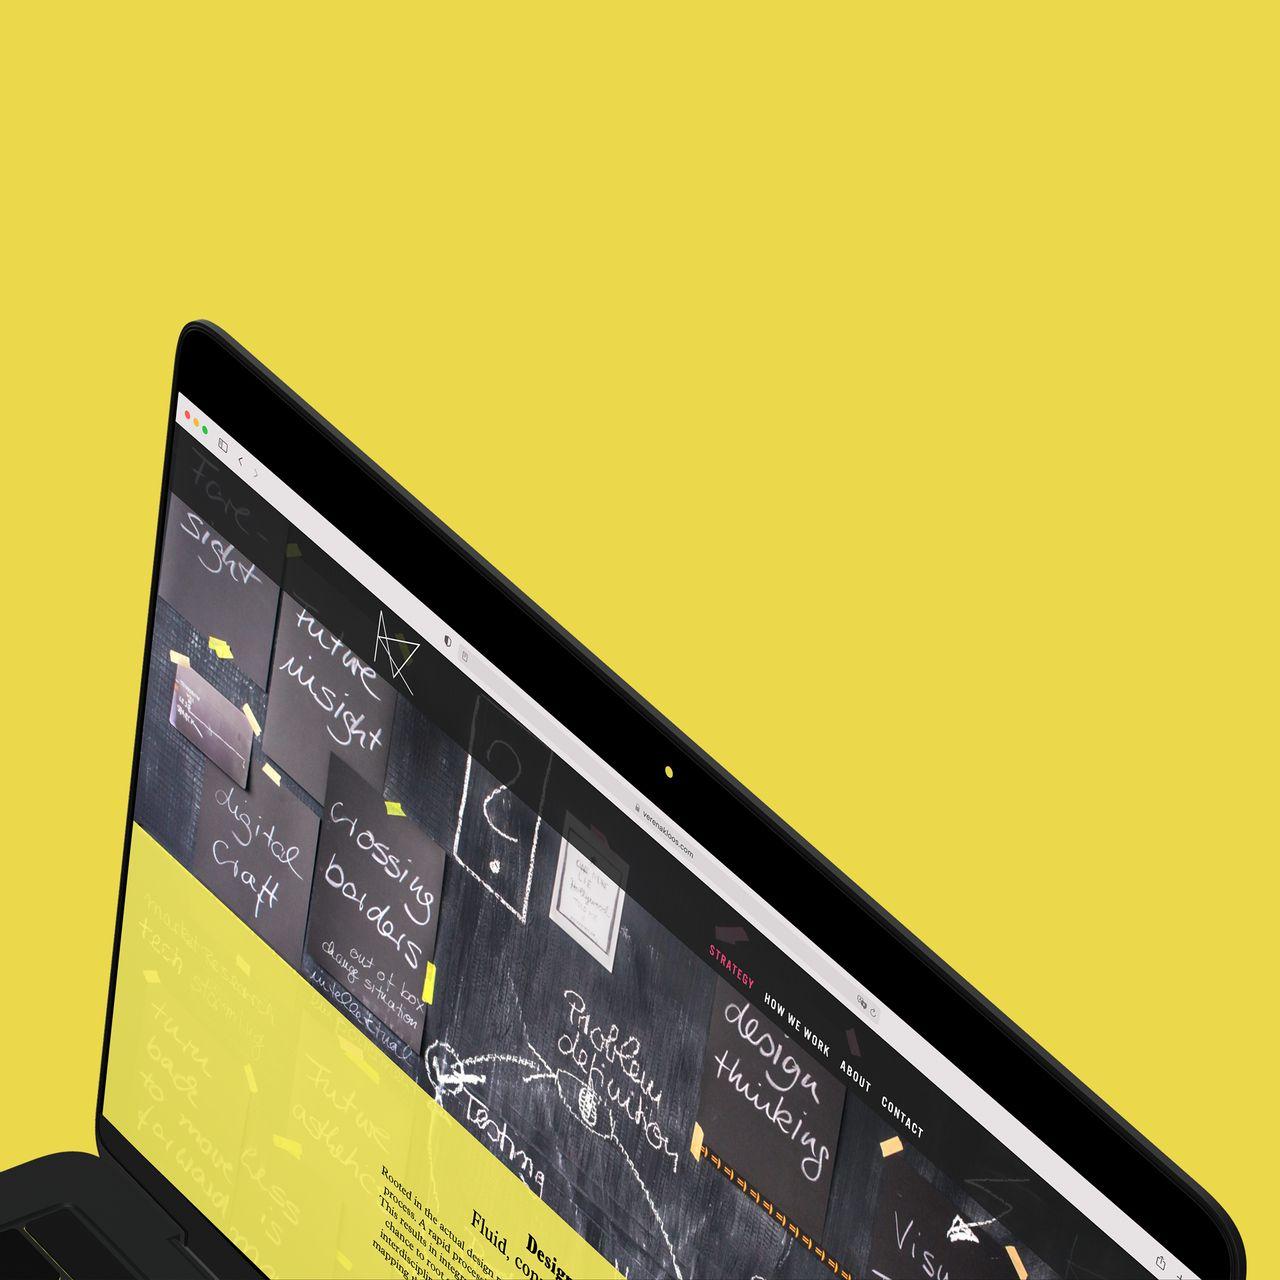 Verena Kloos Strategic Design Consulting, Studio Umlaut